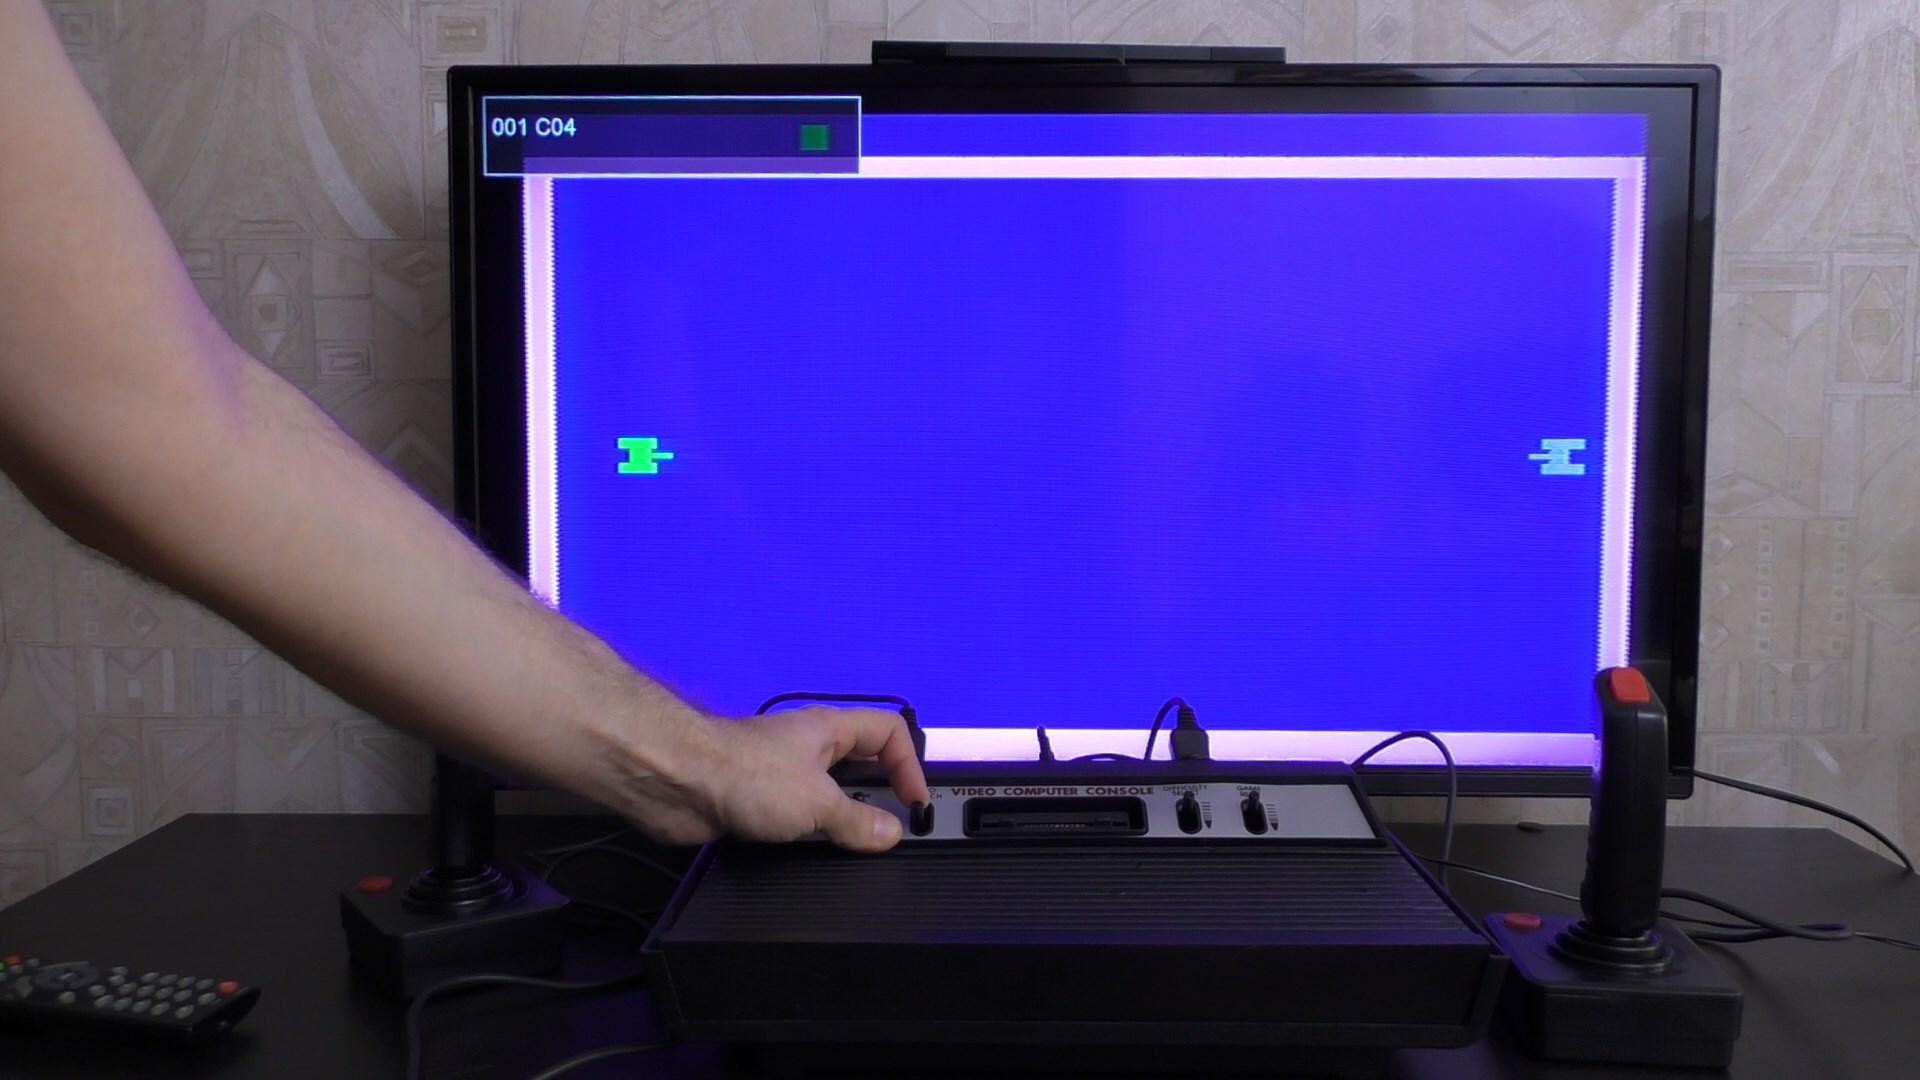 Rambo TV Games (Atari 2600) [статья с кучей фото и капелькой видео] - 29